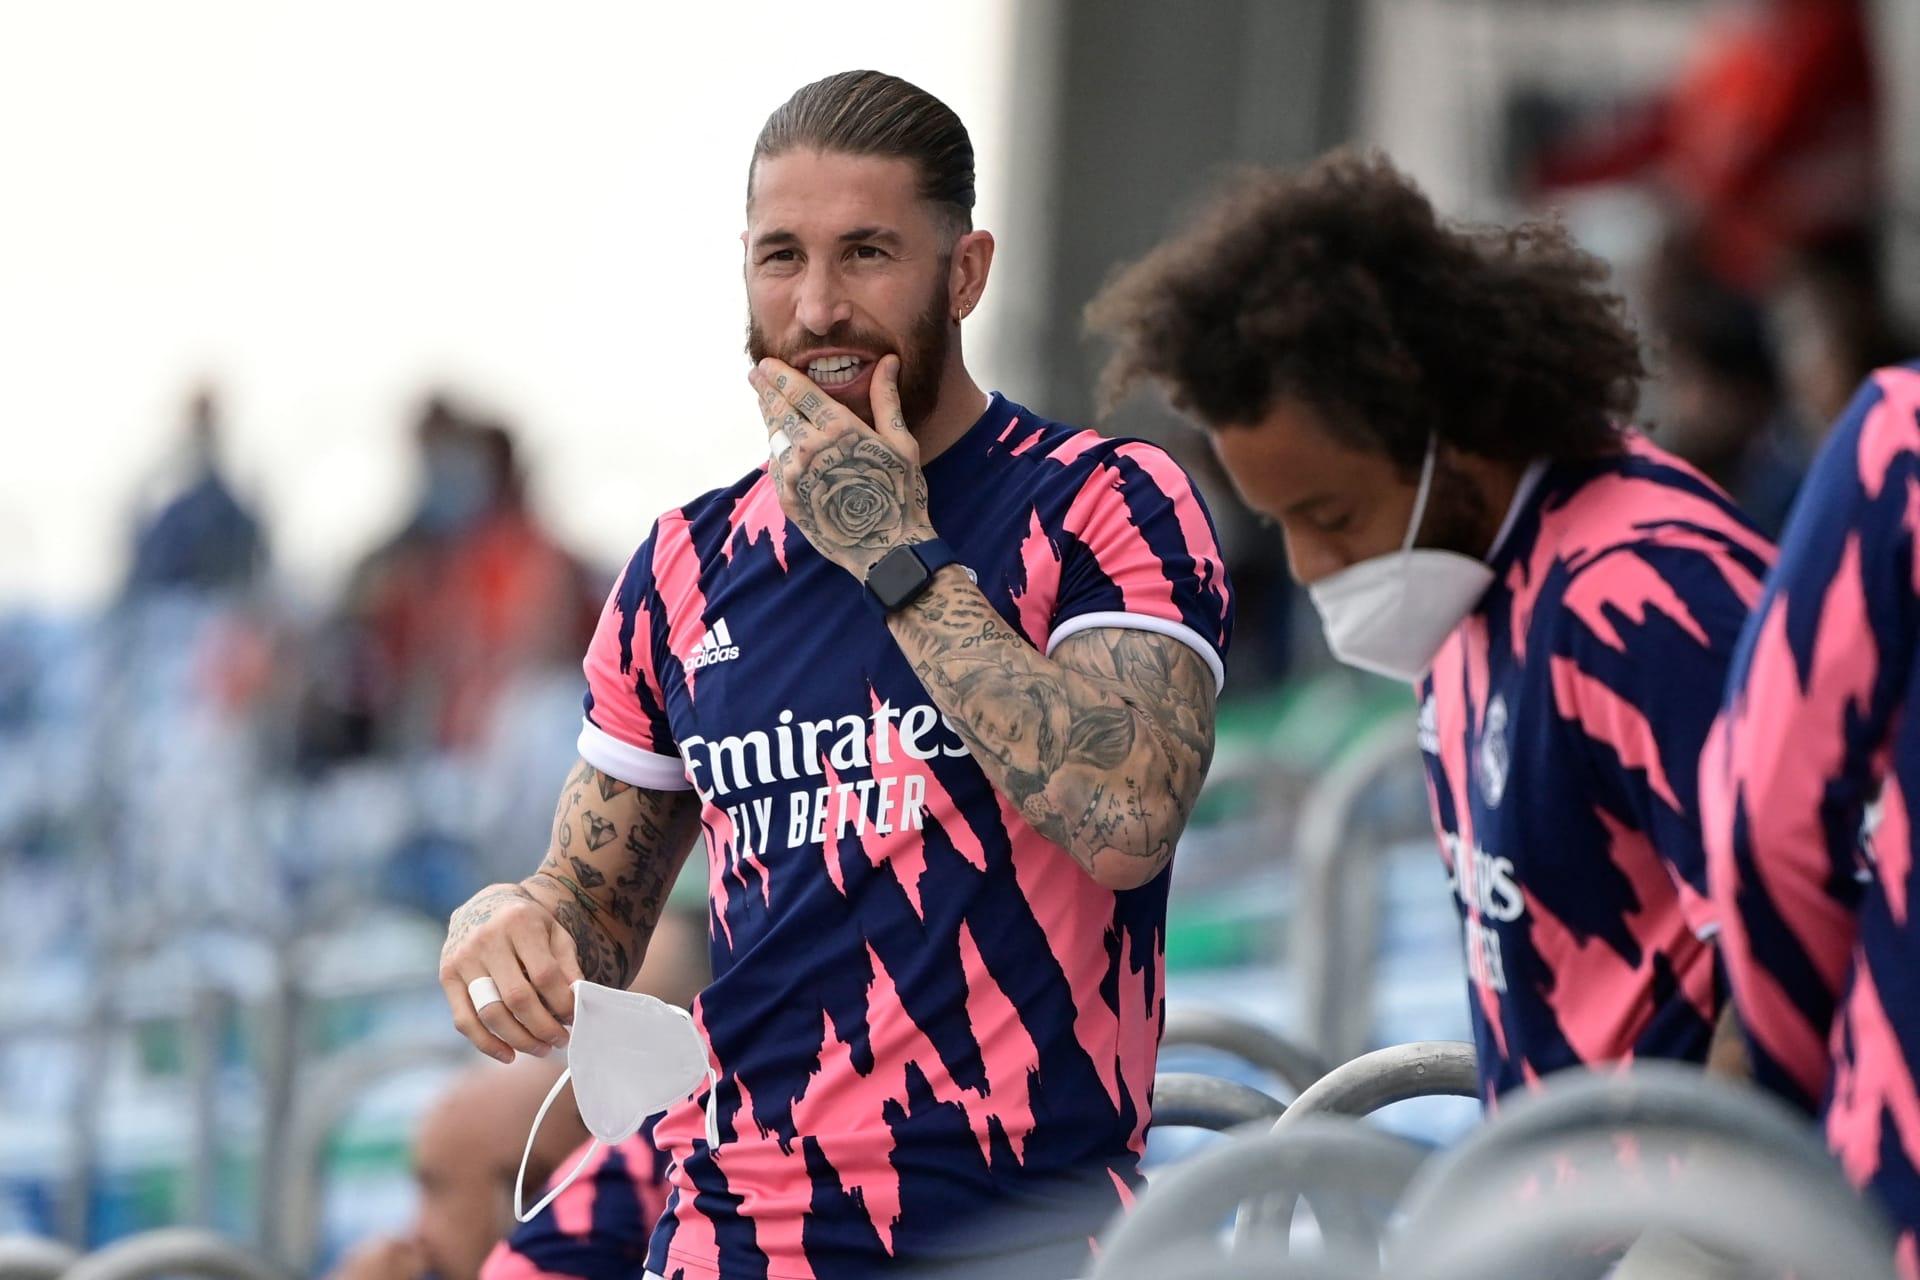 راموس يكشف سبب رحيله عن ريال مدريد: وضعوا لي مدة صلاحية للعقد ولم يخبروني